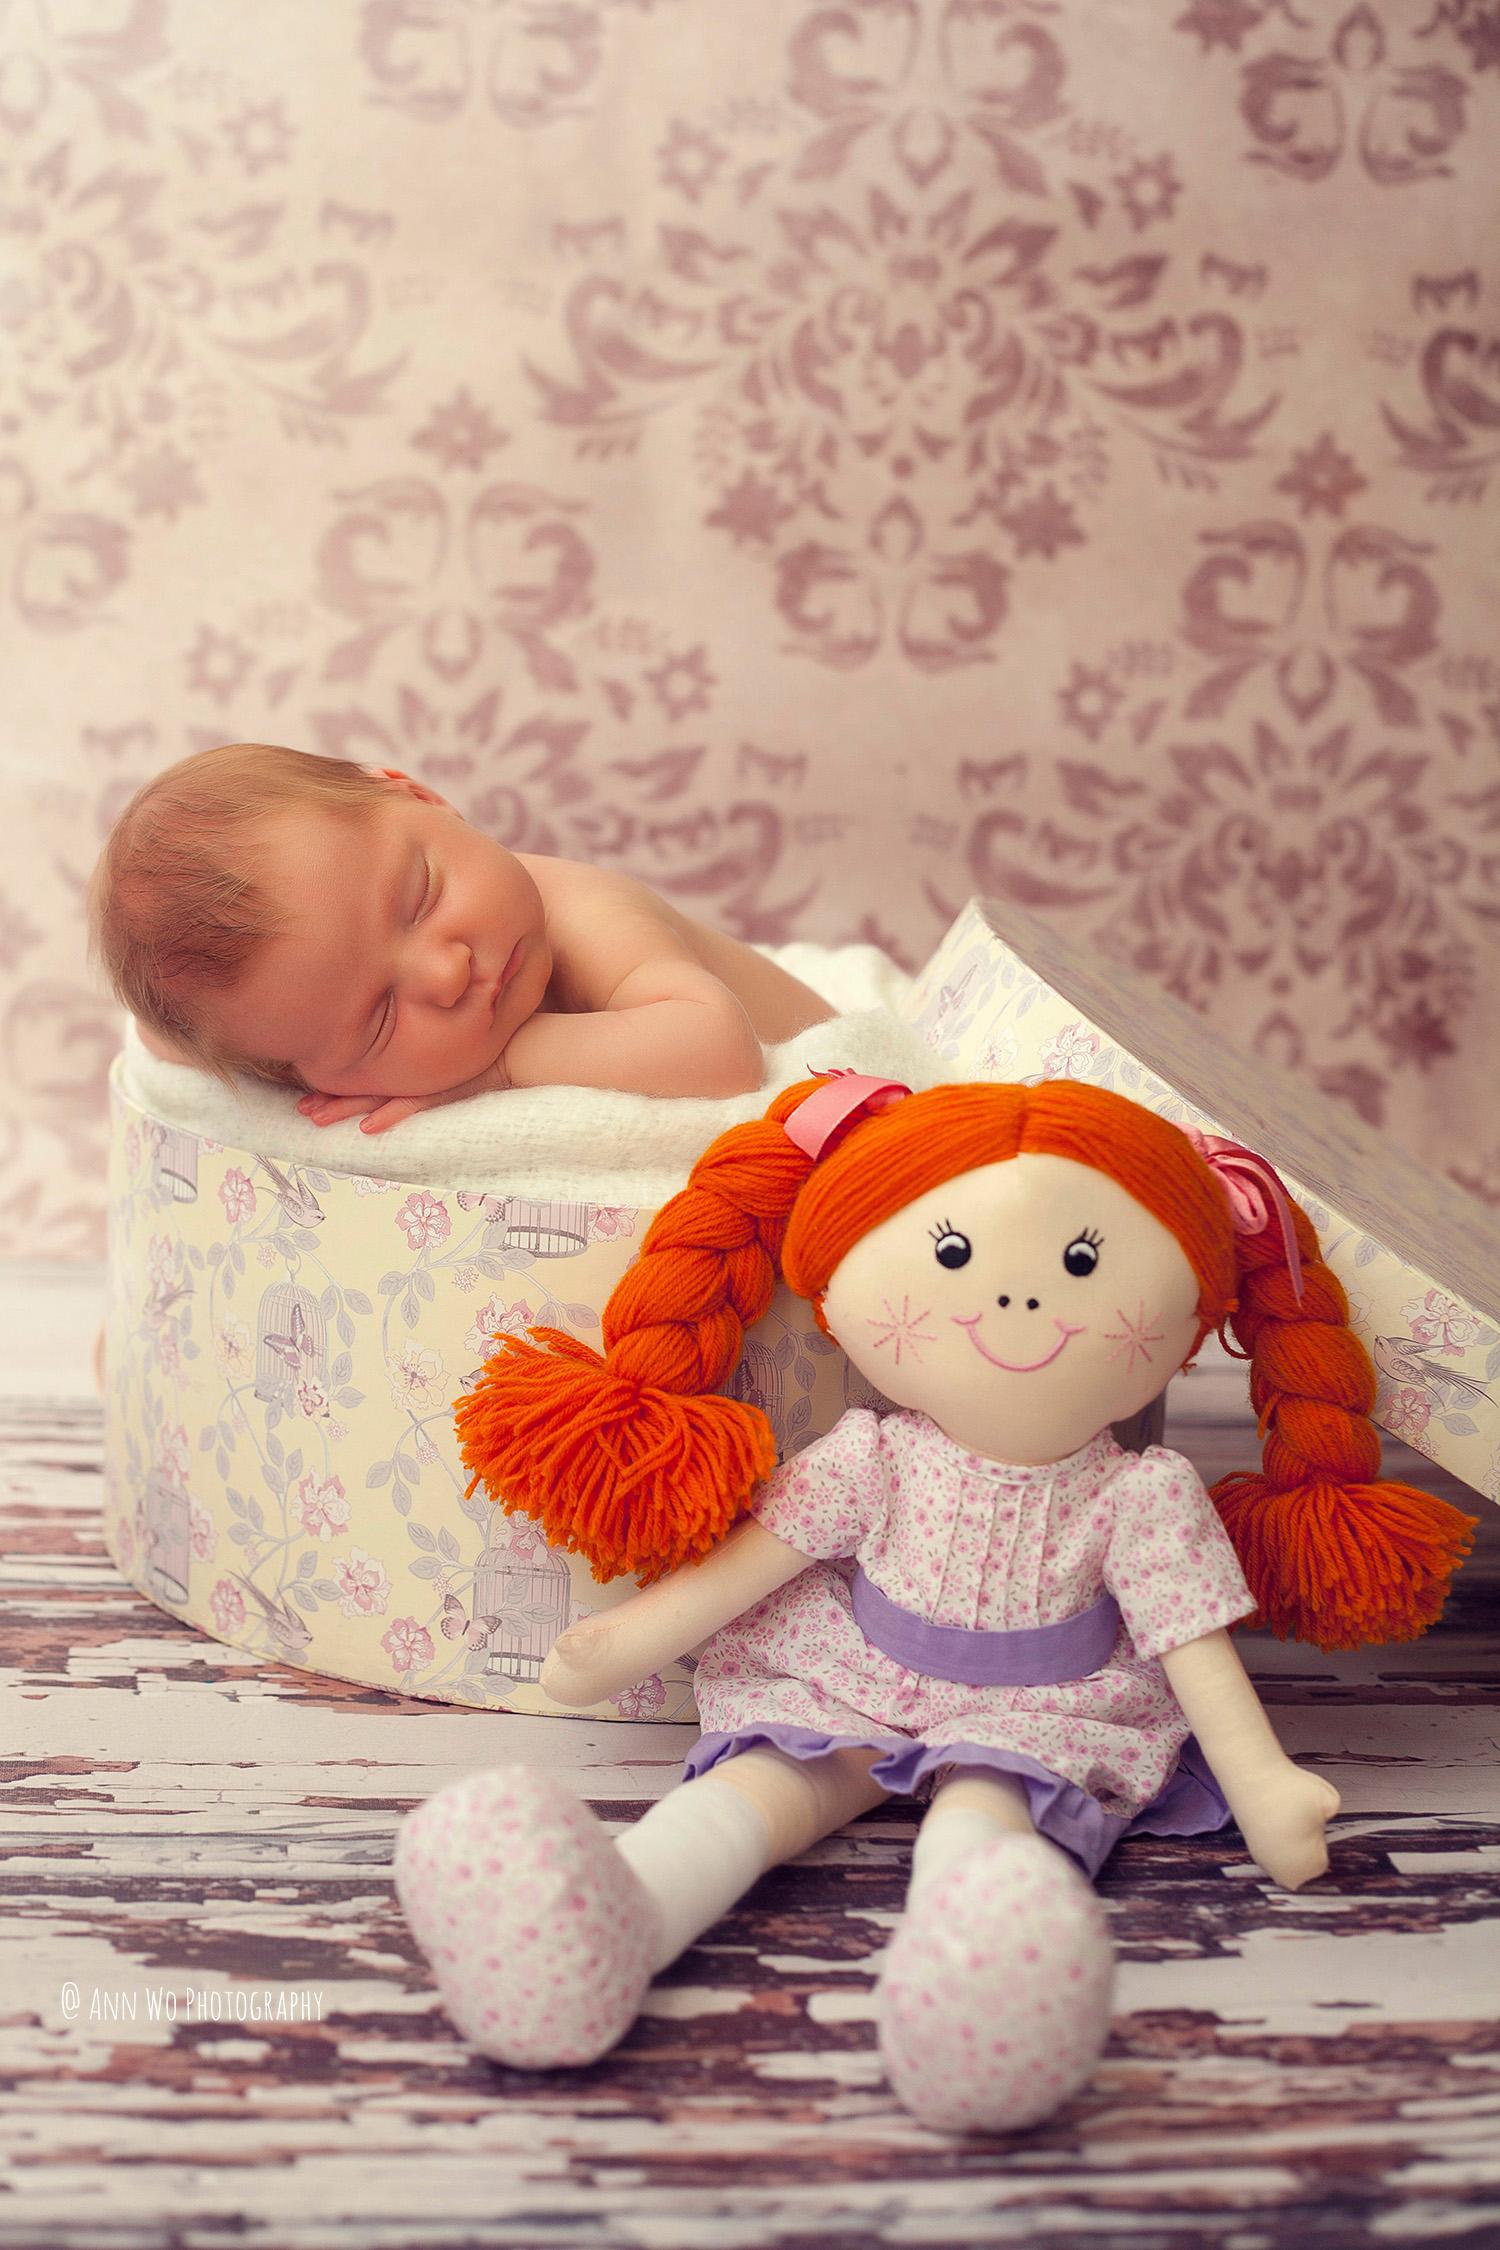 newborn-photographer-london-ann-wo-baby011.jpg